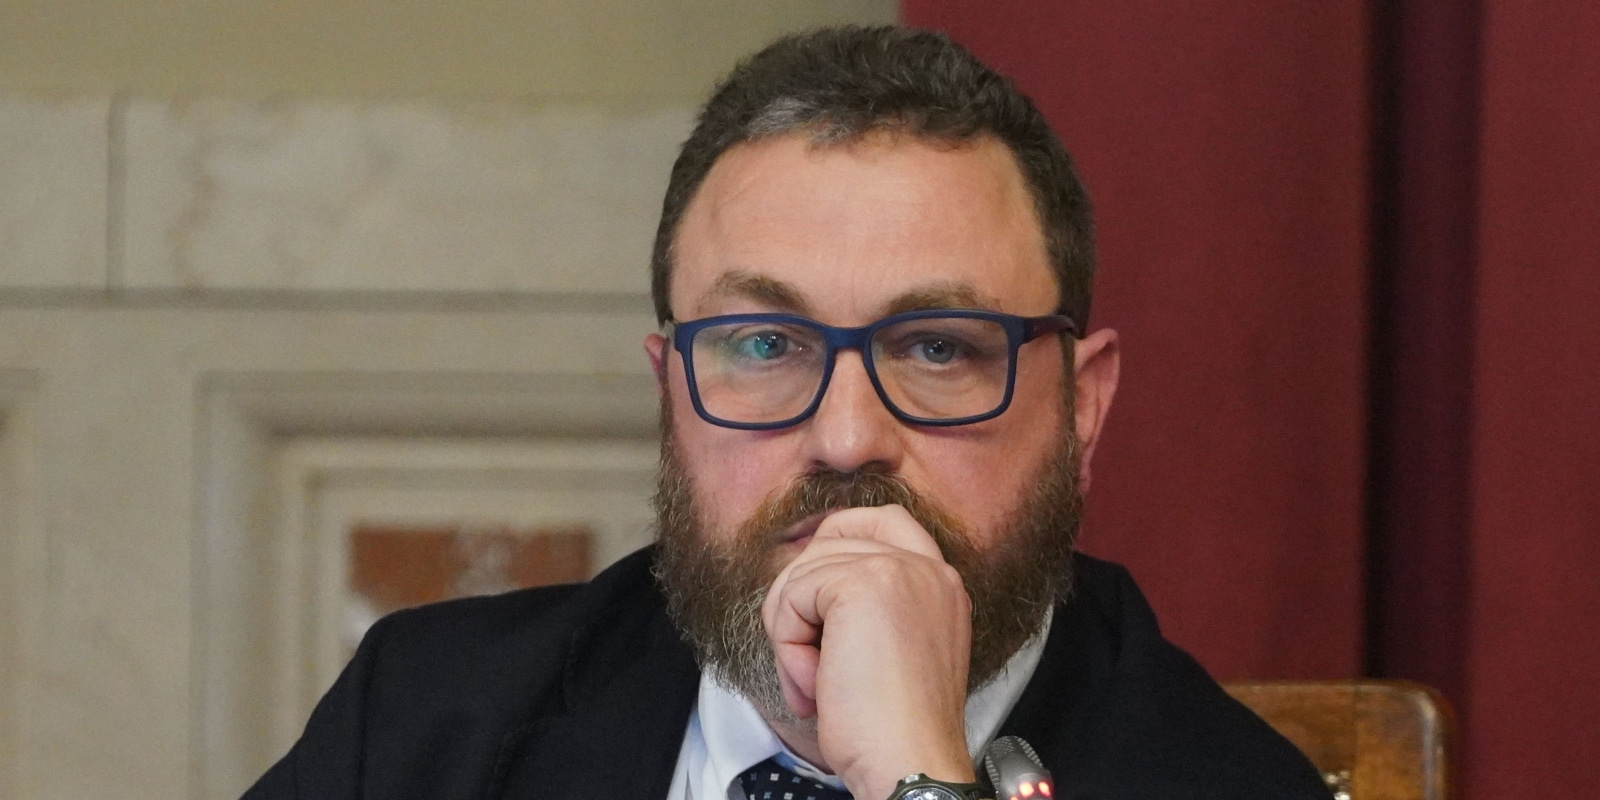 Marcel Vulpis